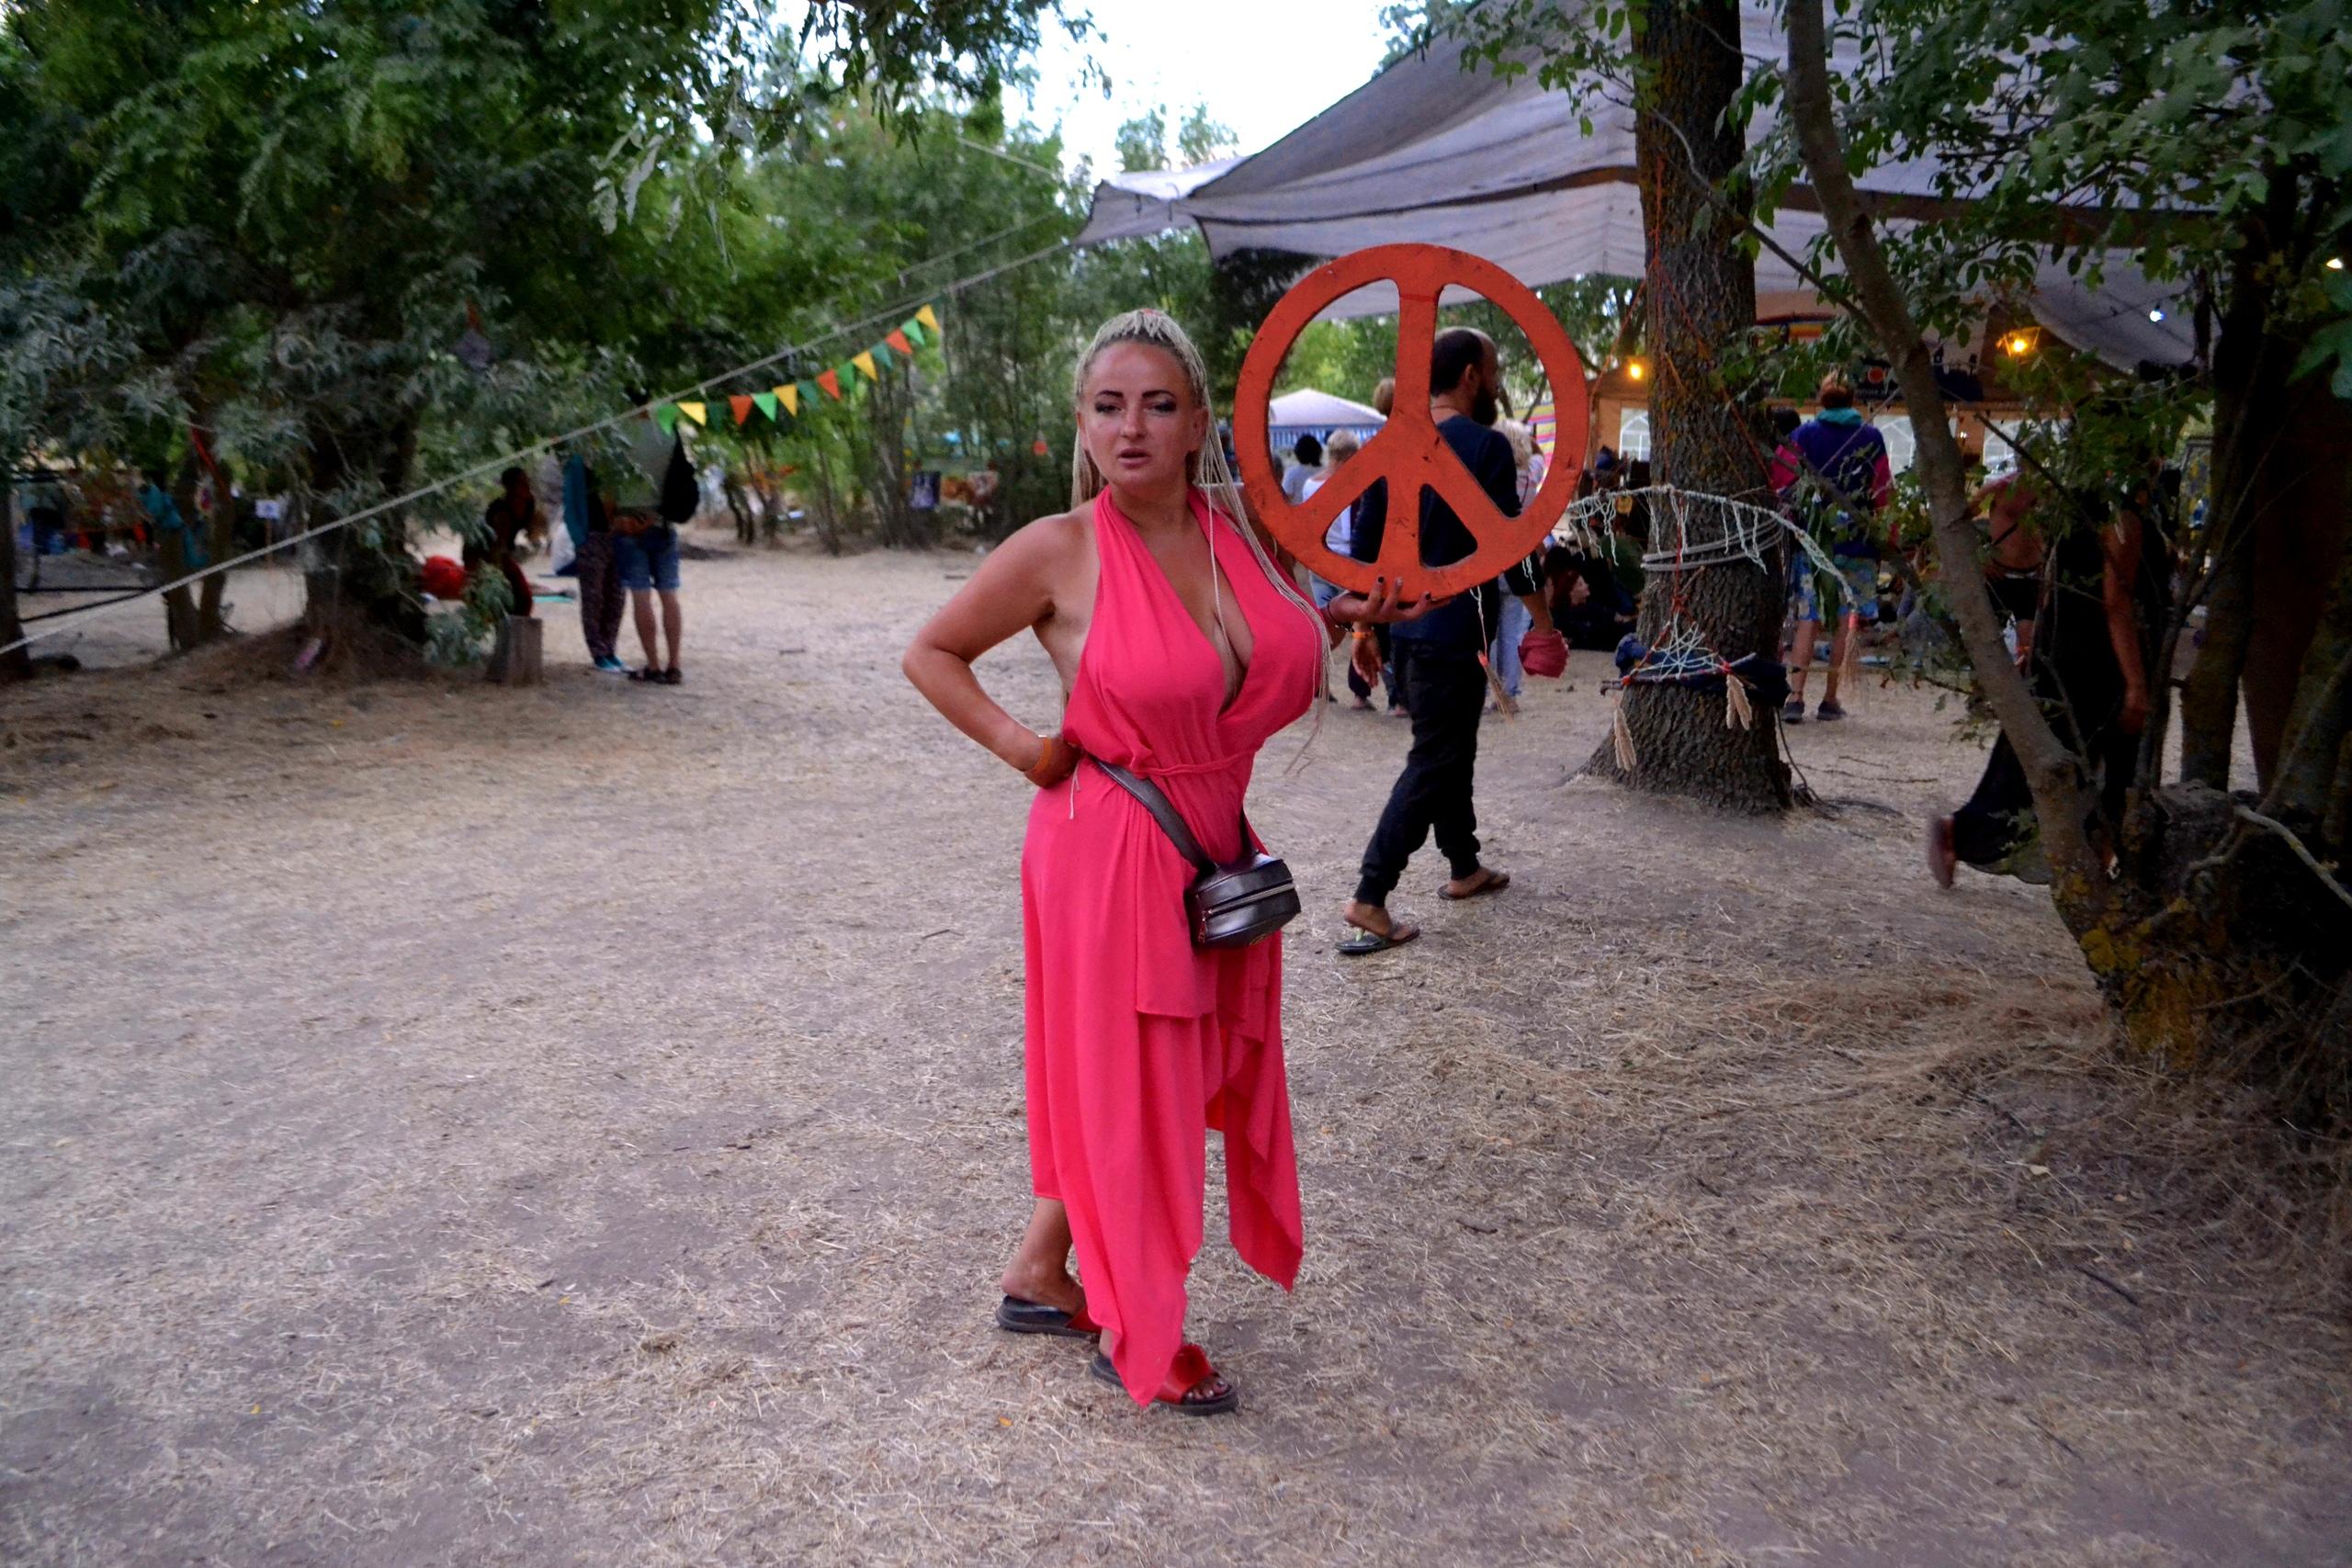 Елена Руденко (Валтея). Эзотерический фестиваль. Одесская сказка 2018 г. - Страница 6 Sy9vM7BOXkk